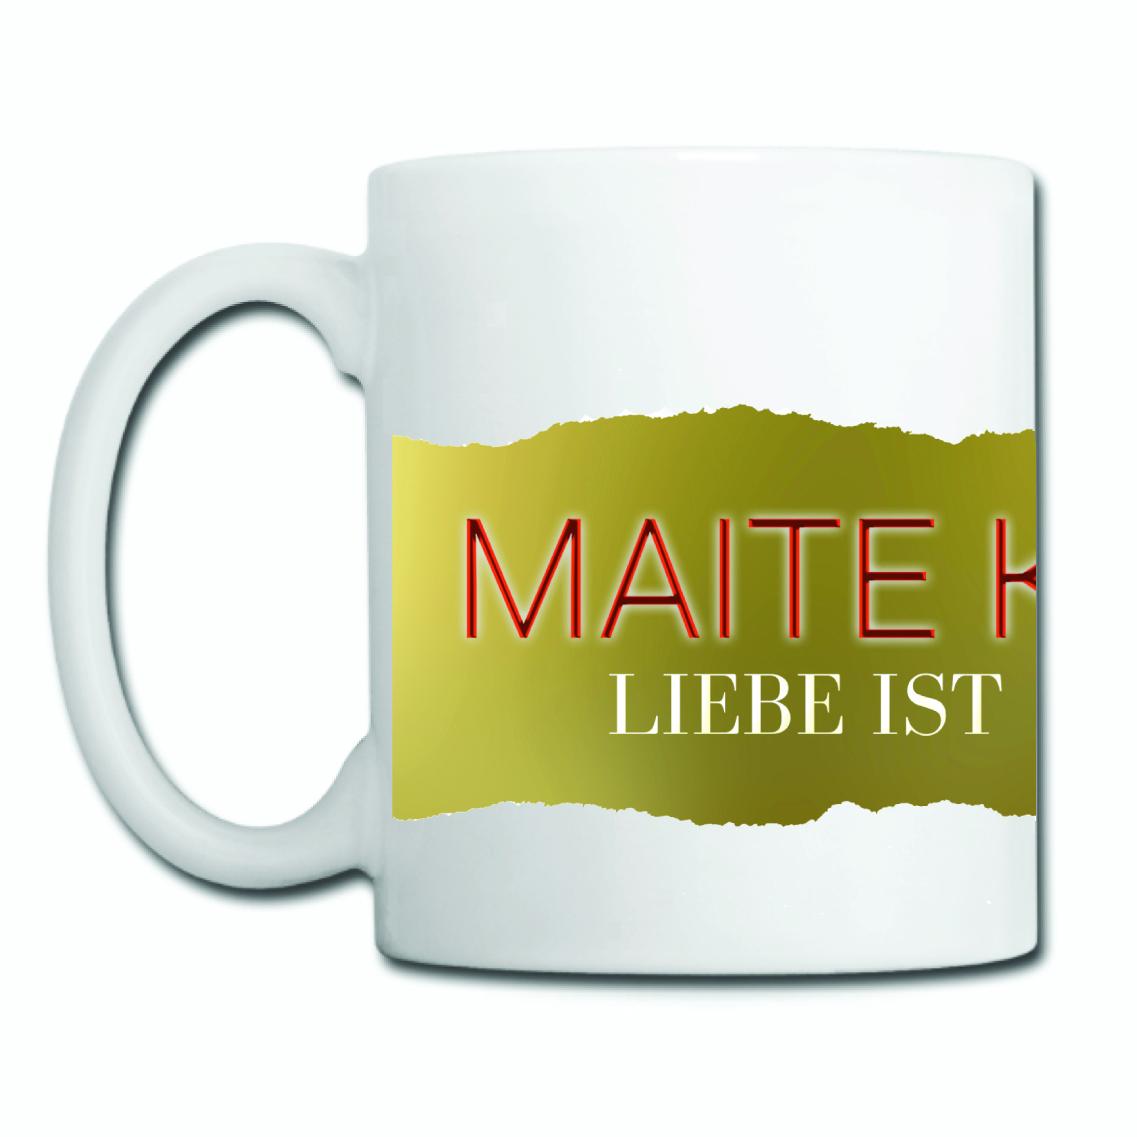 Maite Kelly Liebe ist Liebe - Tasse Cup